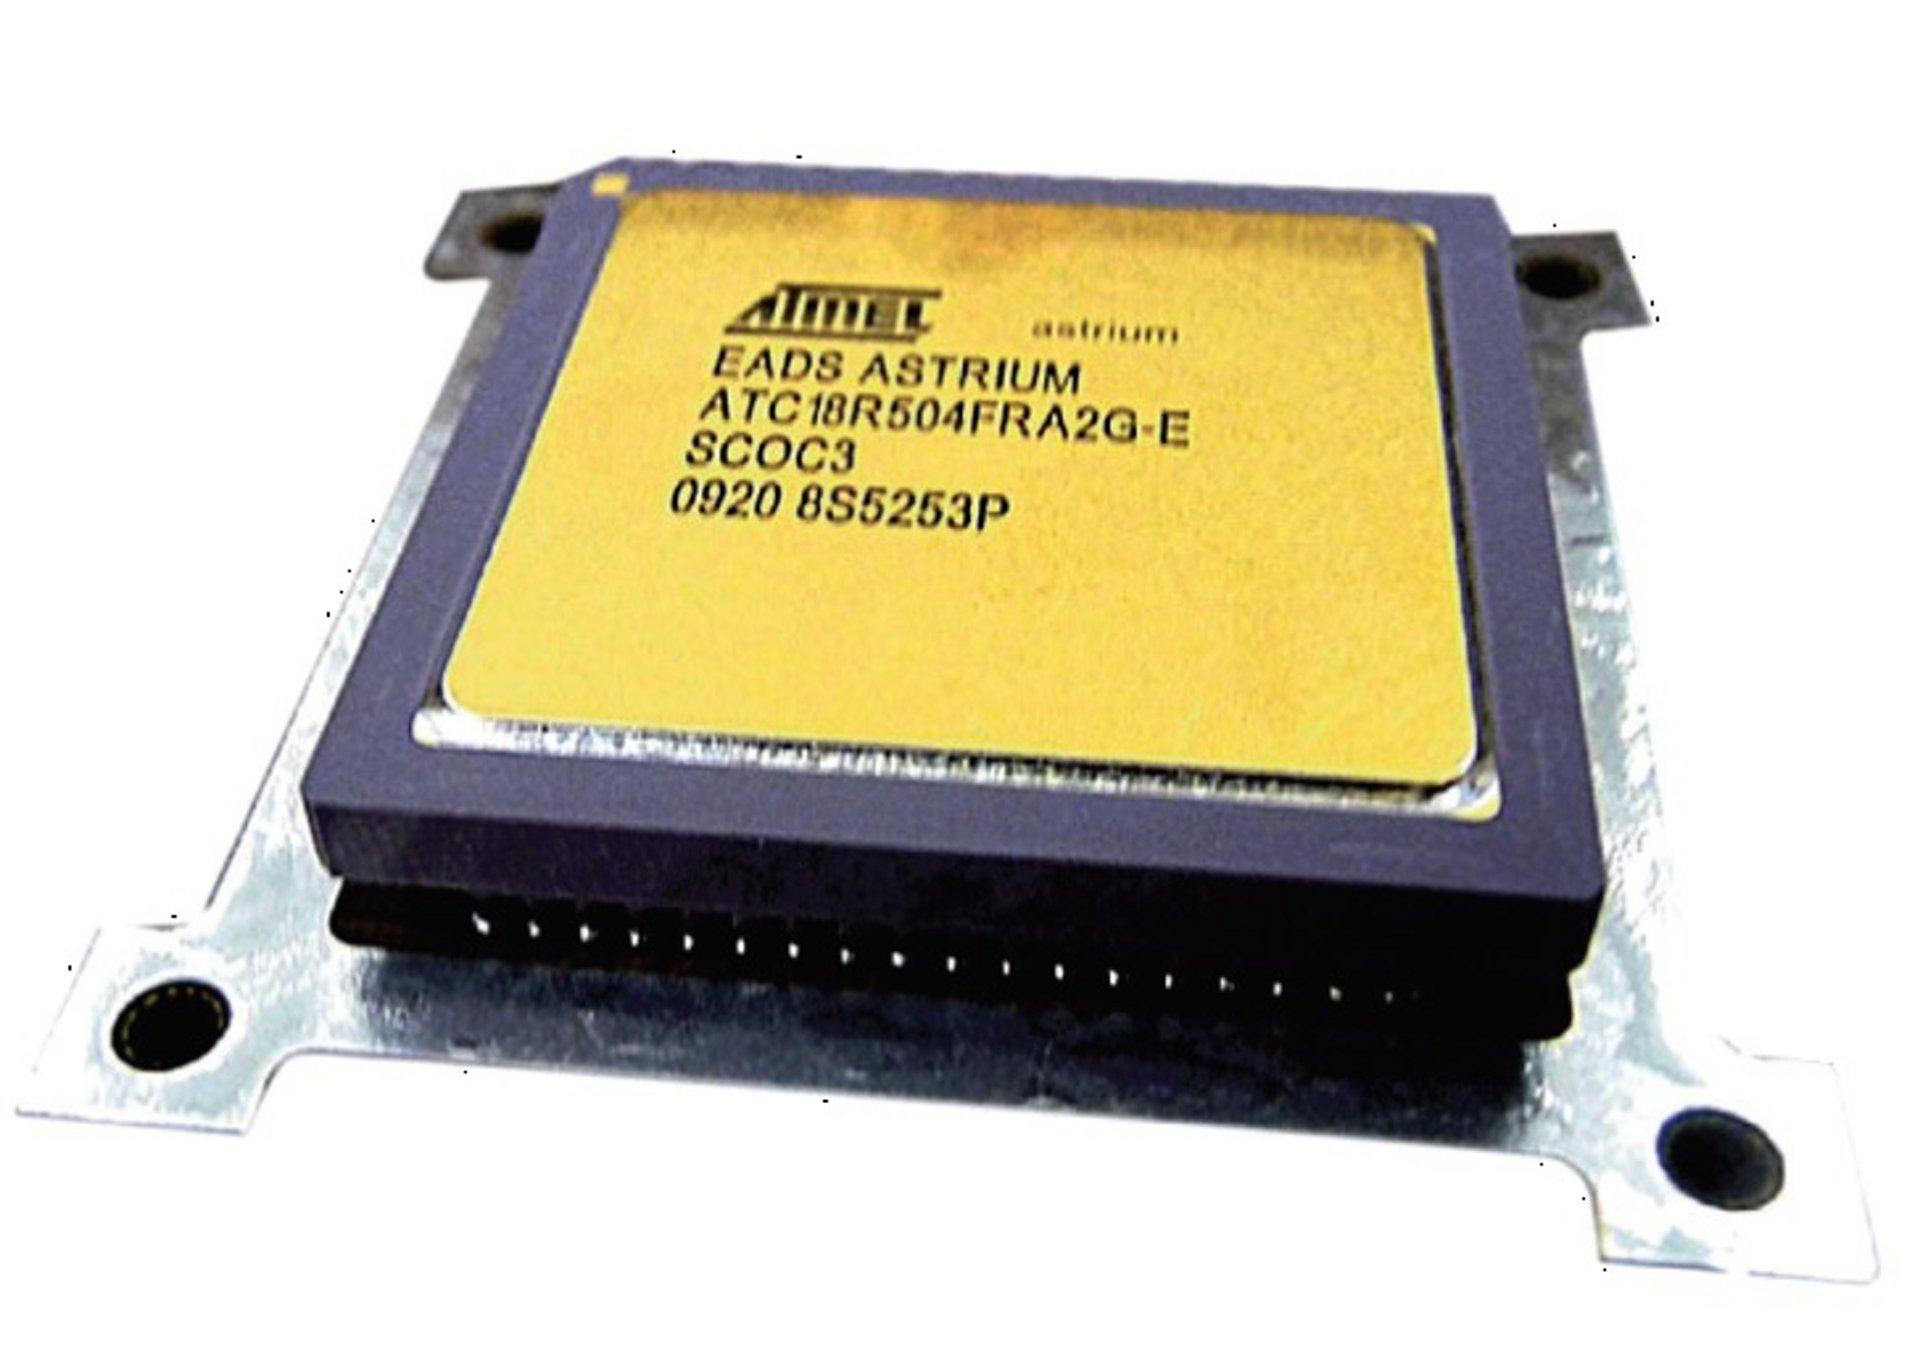 乐动体育app靠谱吗空中客车的SCOC3 ASIC提供单个芯片上平台计算机的所有核心功能。